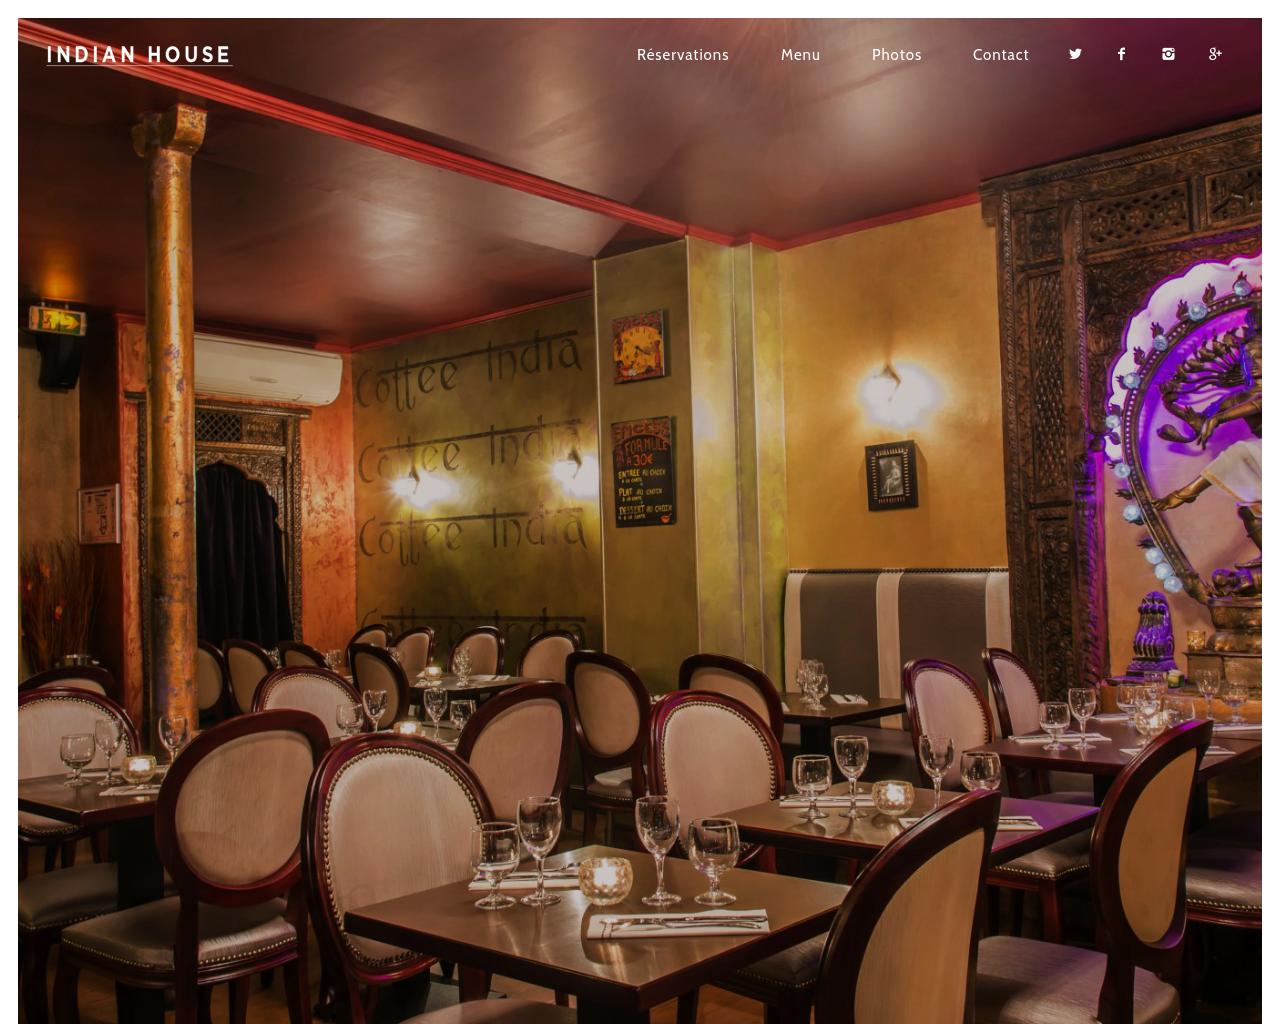 envie-partir-decouverte-gastronomie-indienne.png